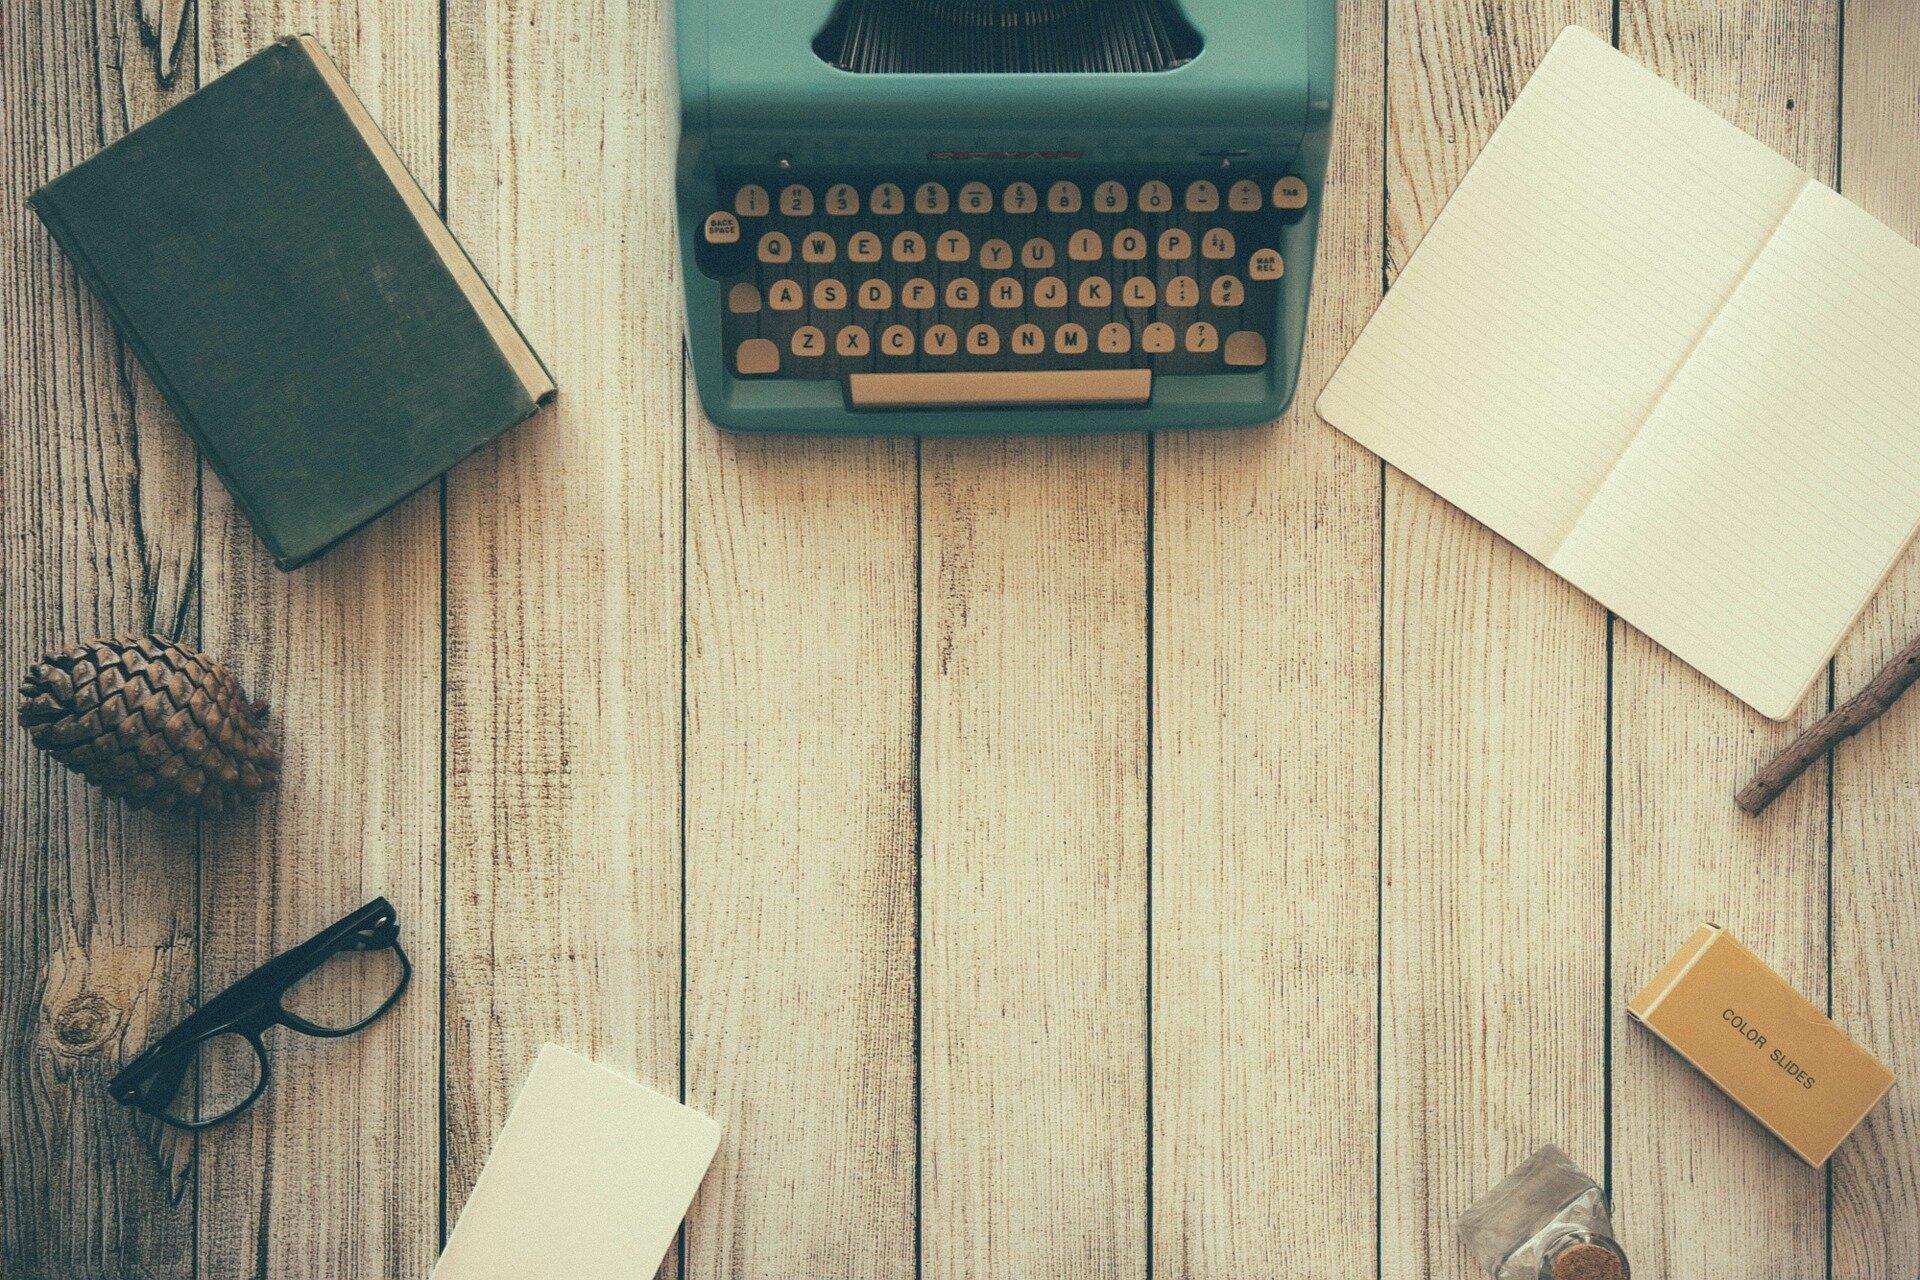 Okładka - pisanie dziennika Źródło: pixabay, licencja: CC 0.